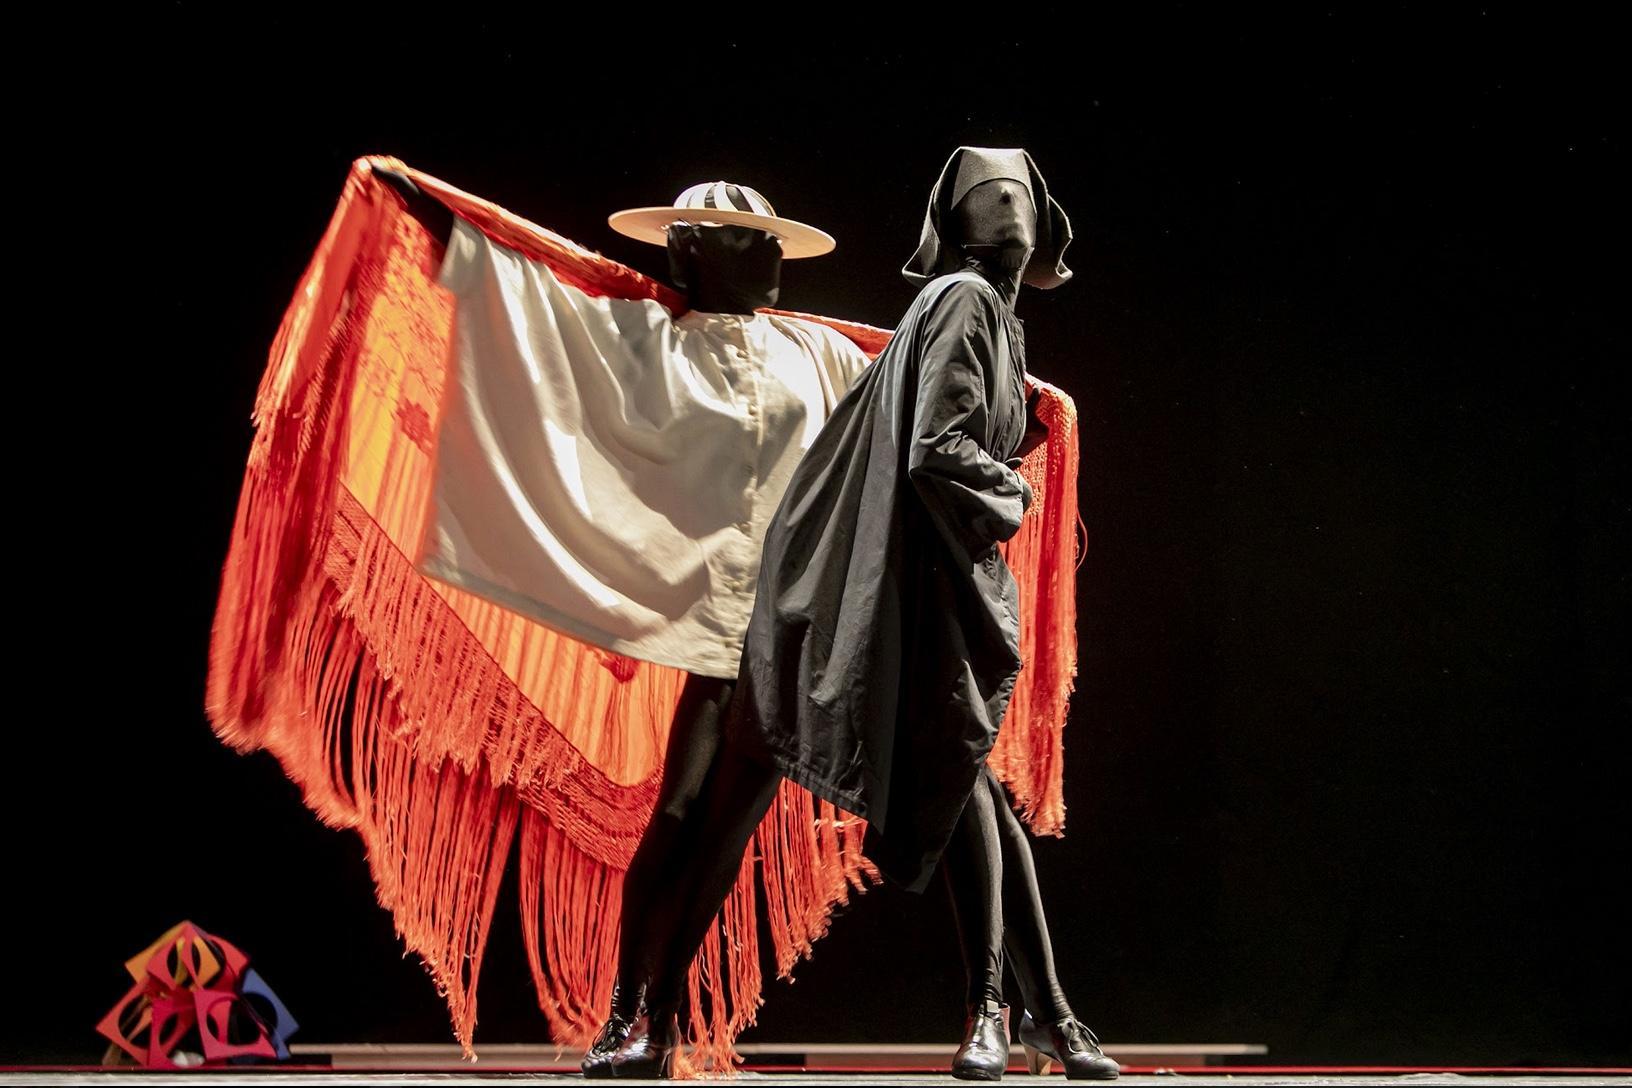 Andrés Marín lleva su baile flamenco contemporáneo a Teatros del Canal en Madrid con Éxtasis / Ravel (Show andaluz)